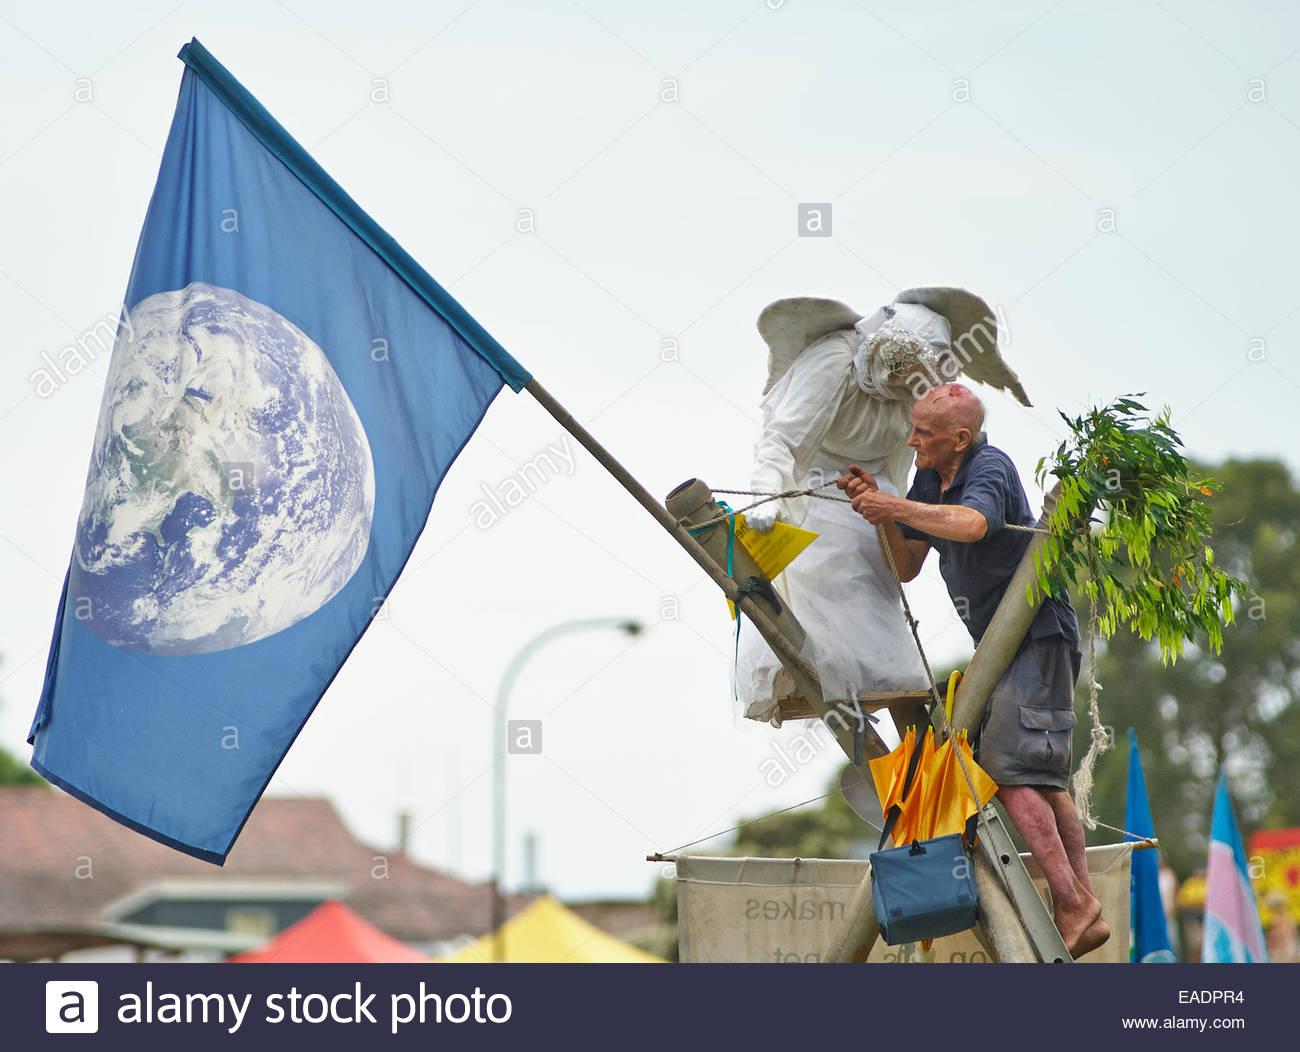 L'ange de la terre et un homme attachant des cordes sur un trépied de bambou au 'libre' gasfield Photo Stock